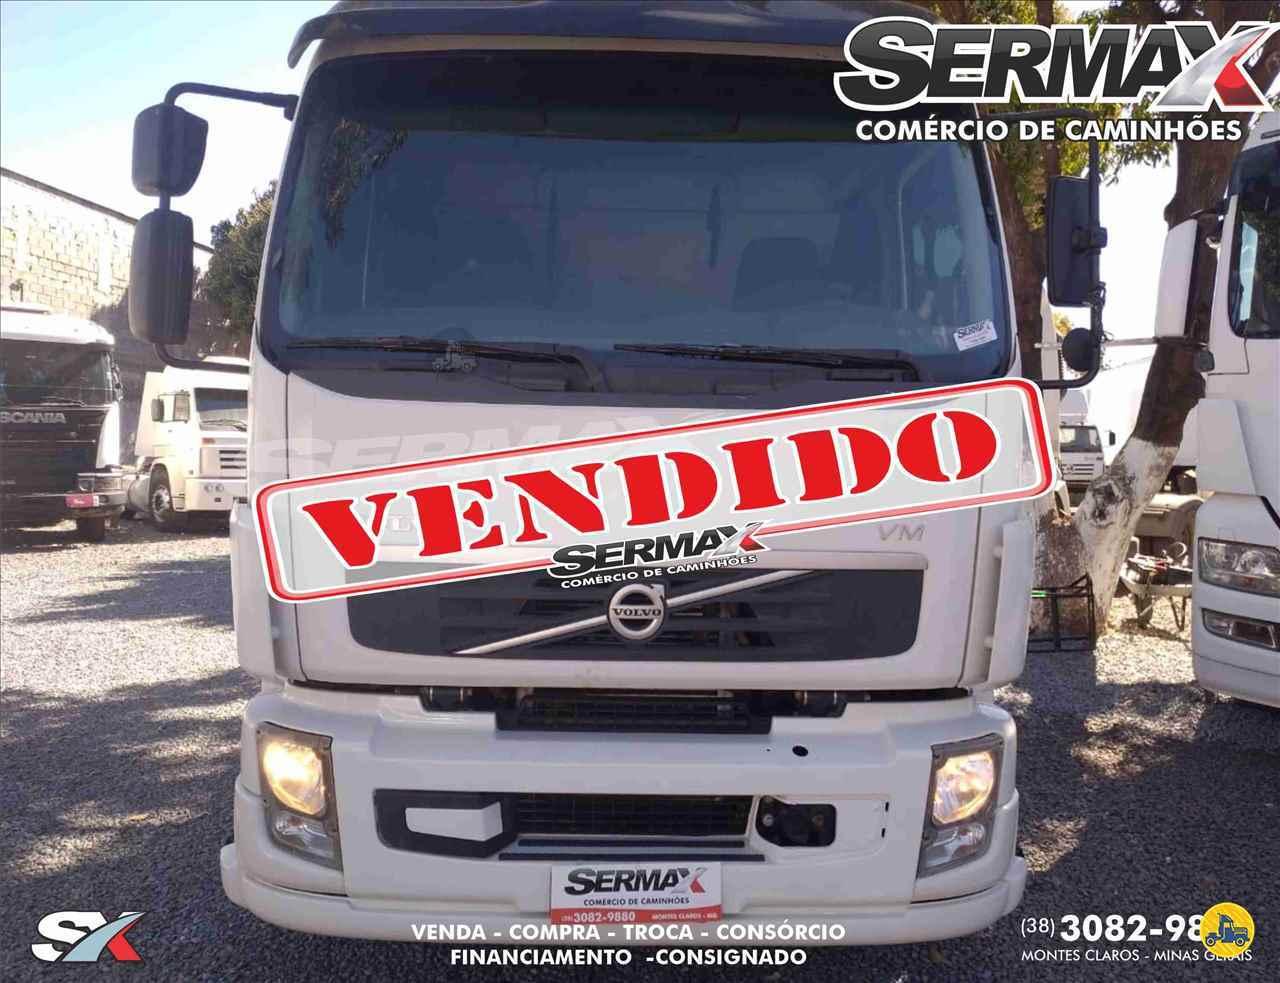 CAMINHAO VOLVO VOLVO VM 330 Cavalo Mecânico Toco 4x2 Sermax Caminhões MONTES CLAROS MINAS GERAIS MG